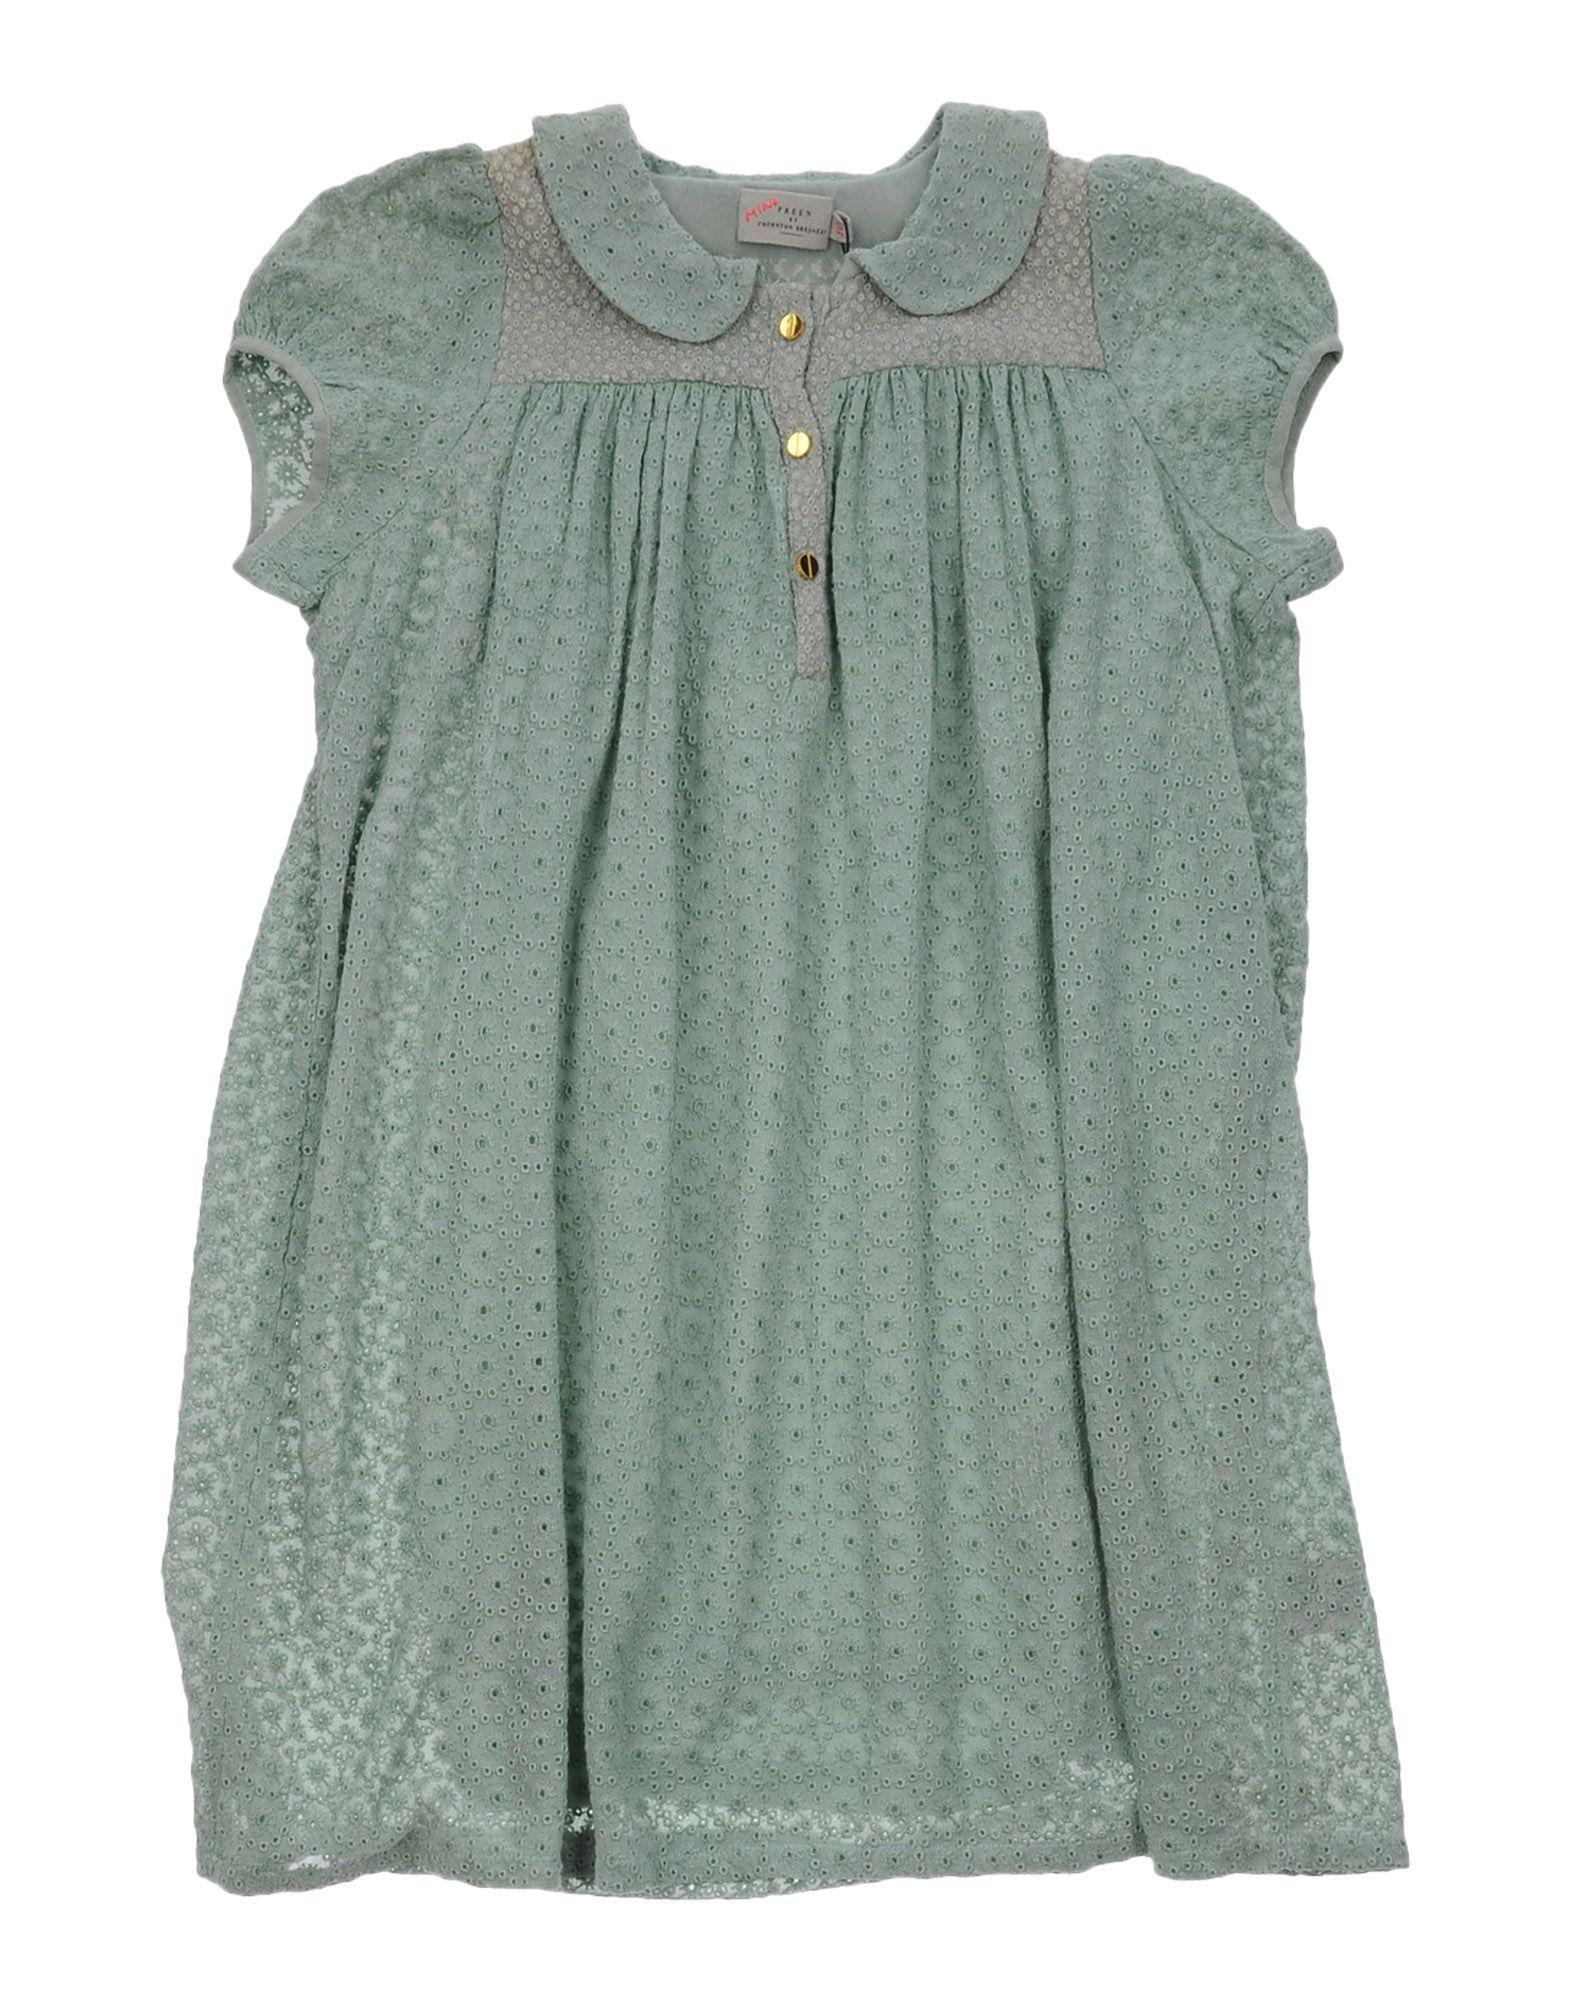 PREEN by THORNTON BREGAZZI Mädchen 9-16 jahre Kleid Farbe Säuregrün Größe 2